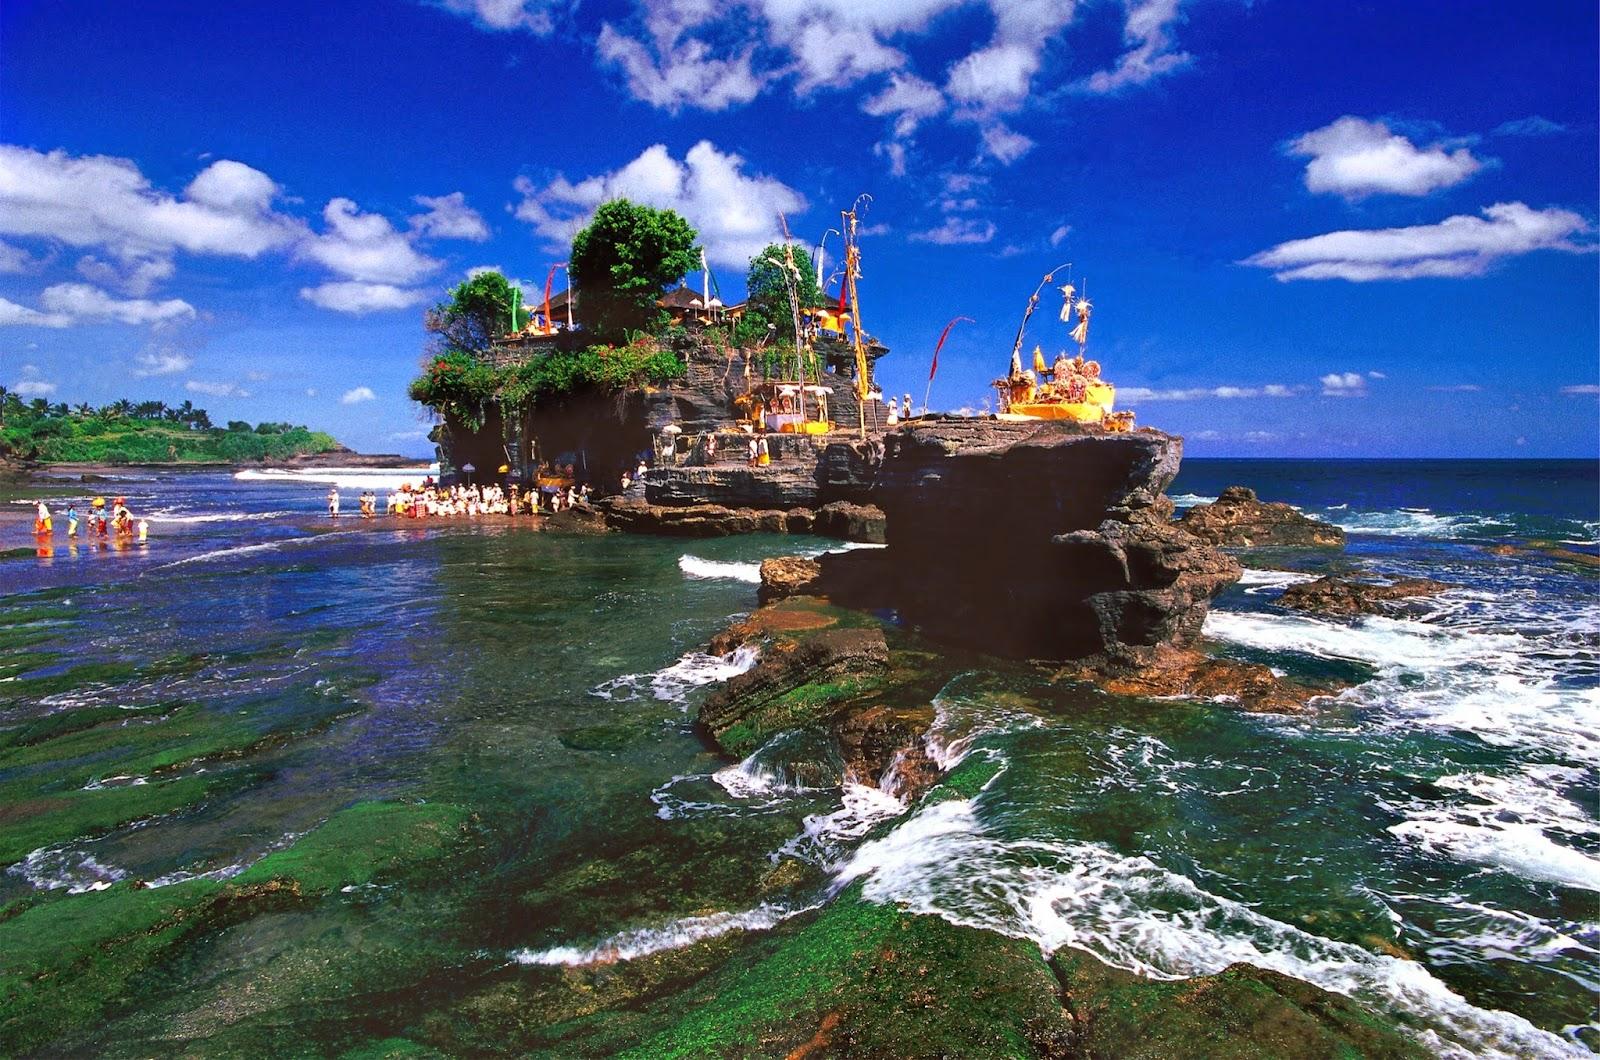 10 Tempat Wisata Bali Yang Wajib Dikunjungi Sisiwisata